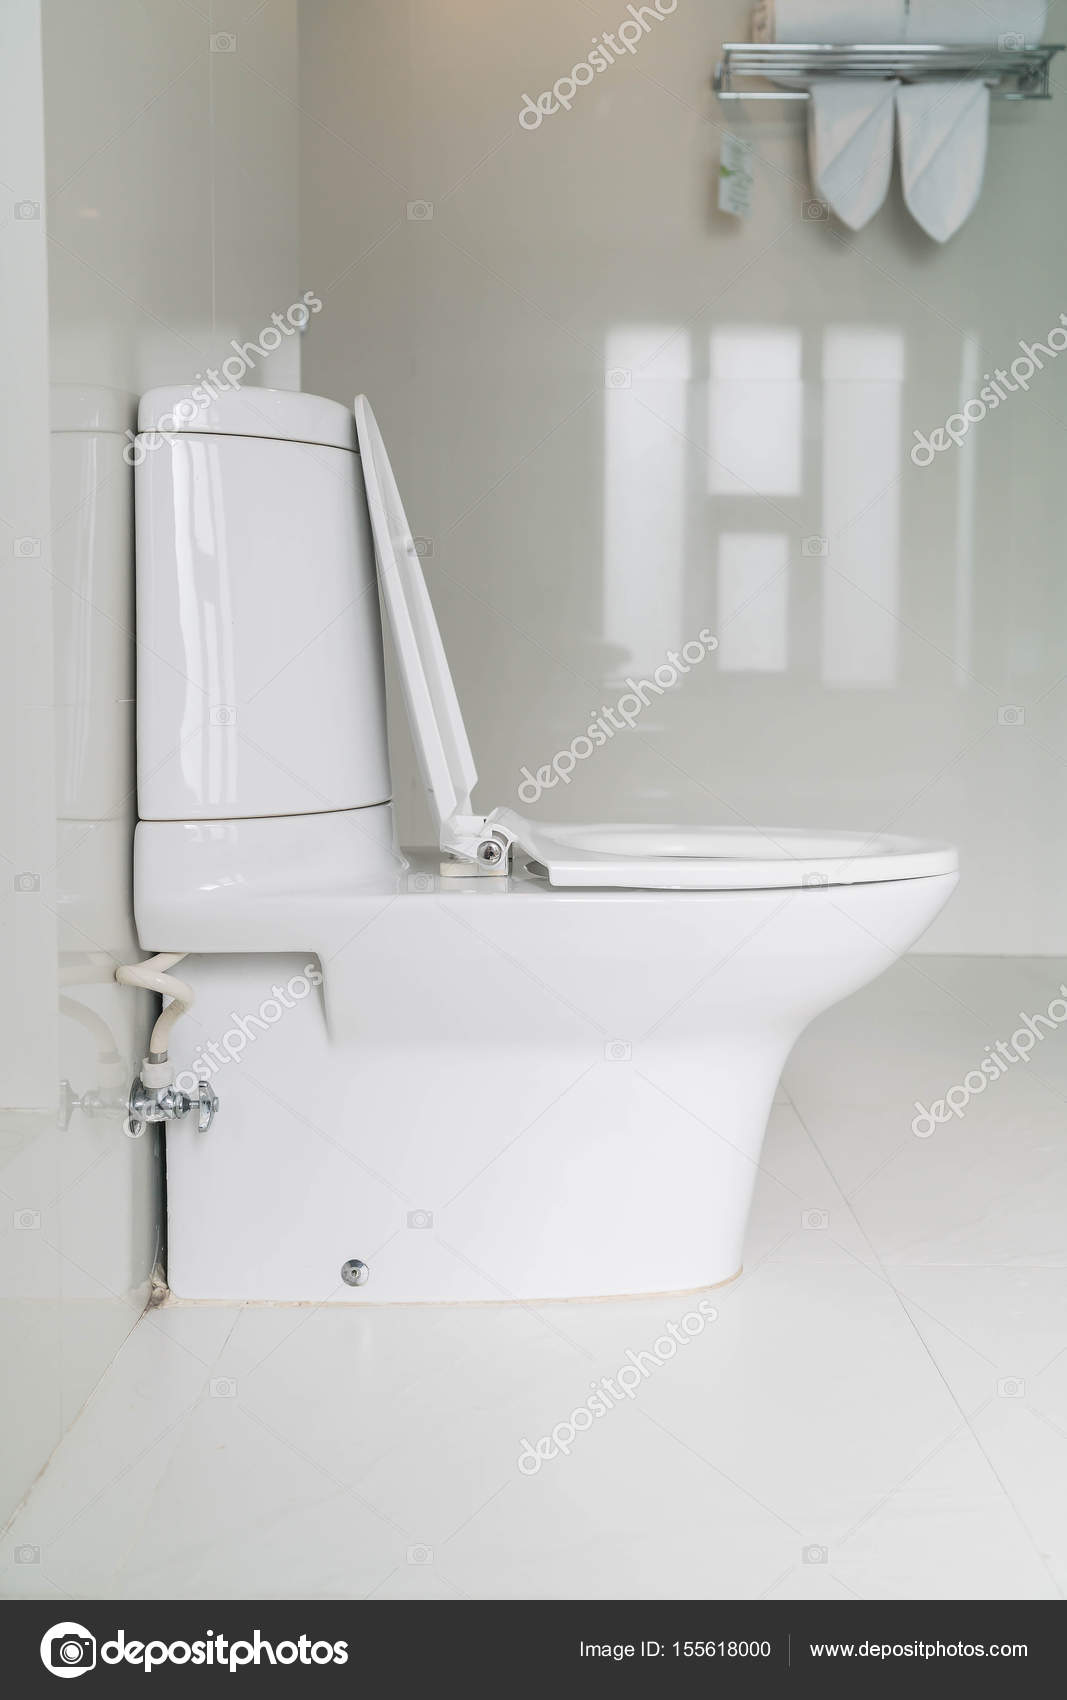 Toilet stoel decoratie in de badkamer — Stockfoto © topntp #155618000